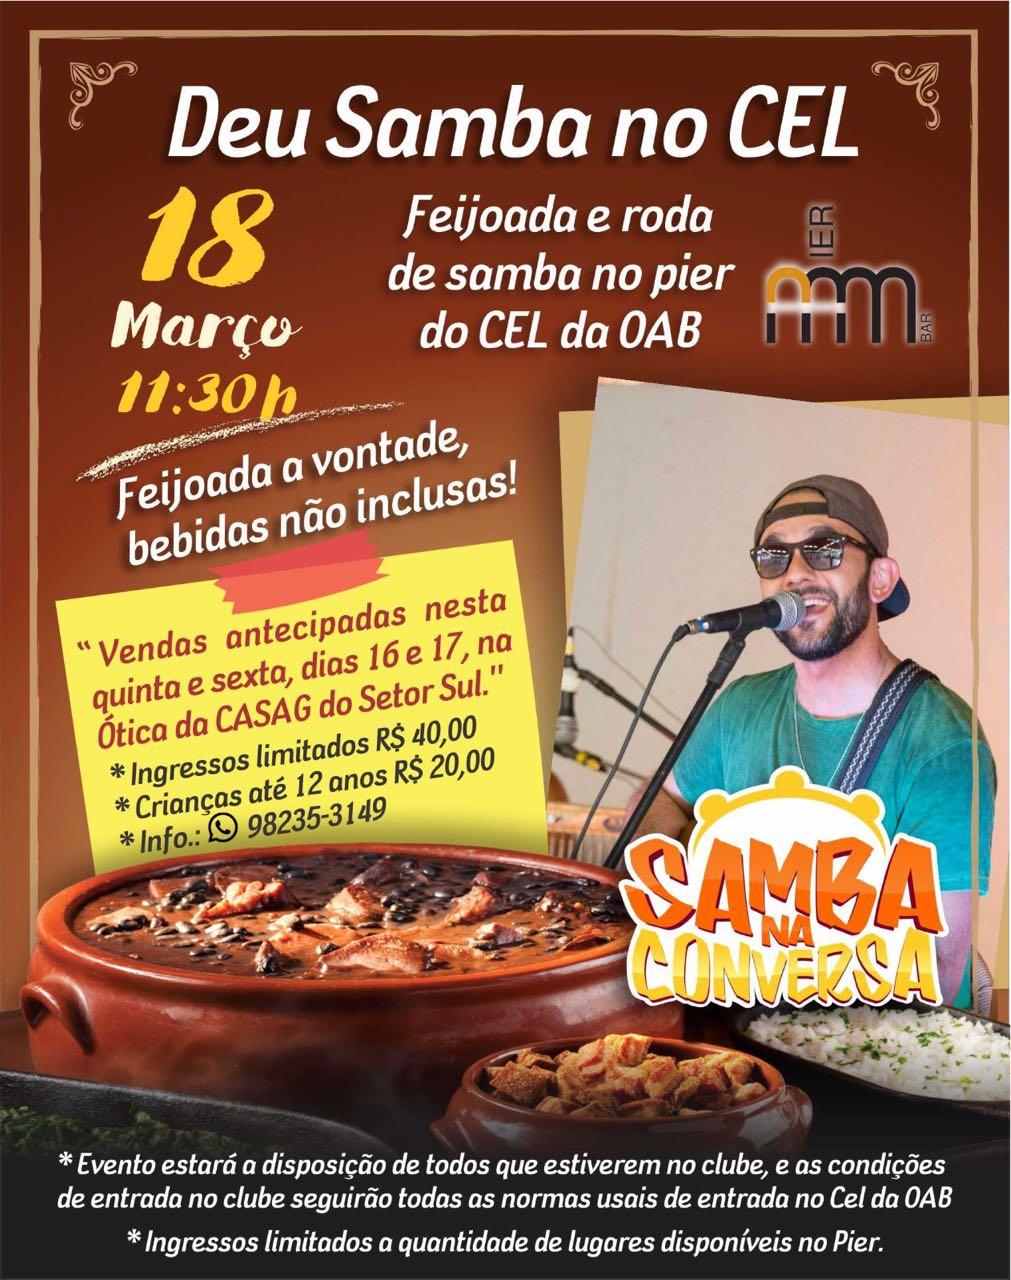 Deu Samba no CEL agita programação no Pier do CEL da OAB